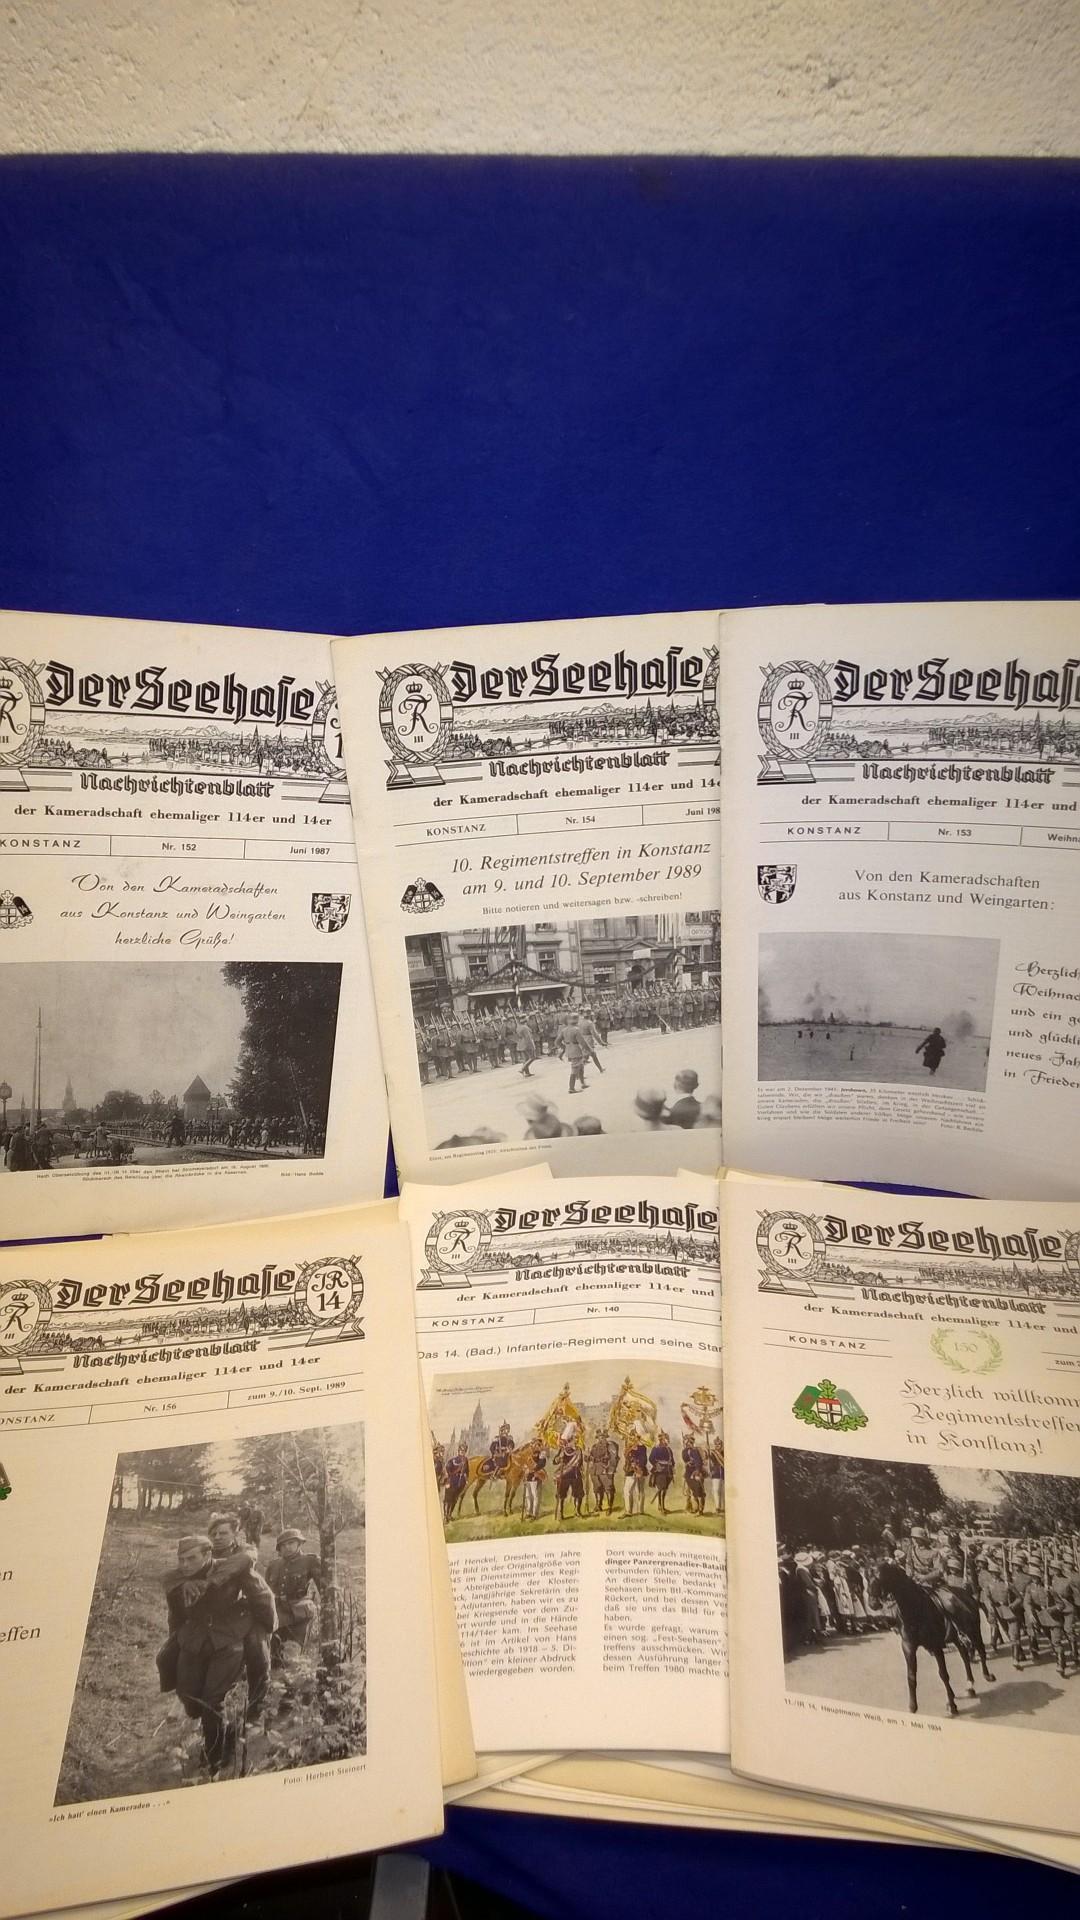 """Konvolut von 46 Heften der Reihe """"Der Seehase"""", Nachrichtenblatt der Kameradschaft ehemaliger 114er und 14er.( Bad.Infanterie-Regiment 114 und 14 sowie im 2.Weltkrieg Infanterie-Regiment 114+14)."""